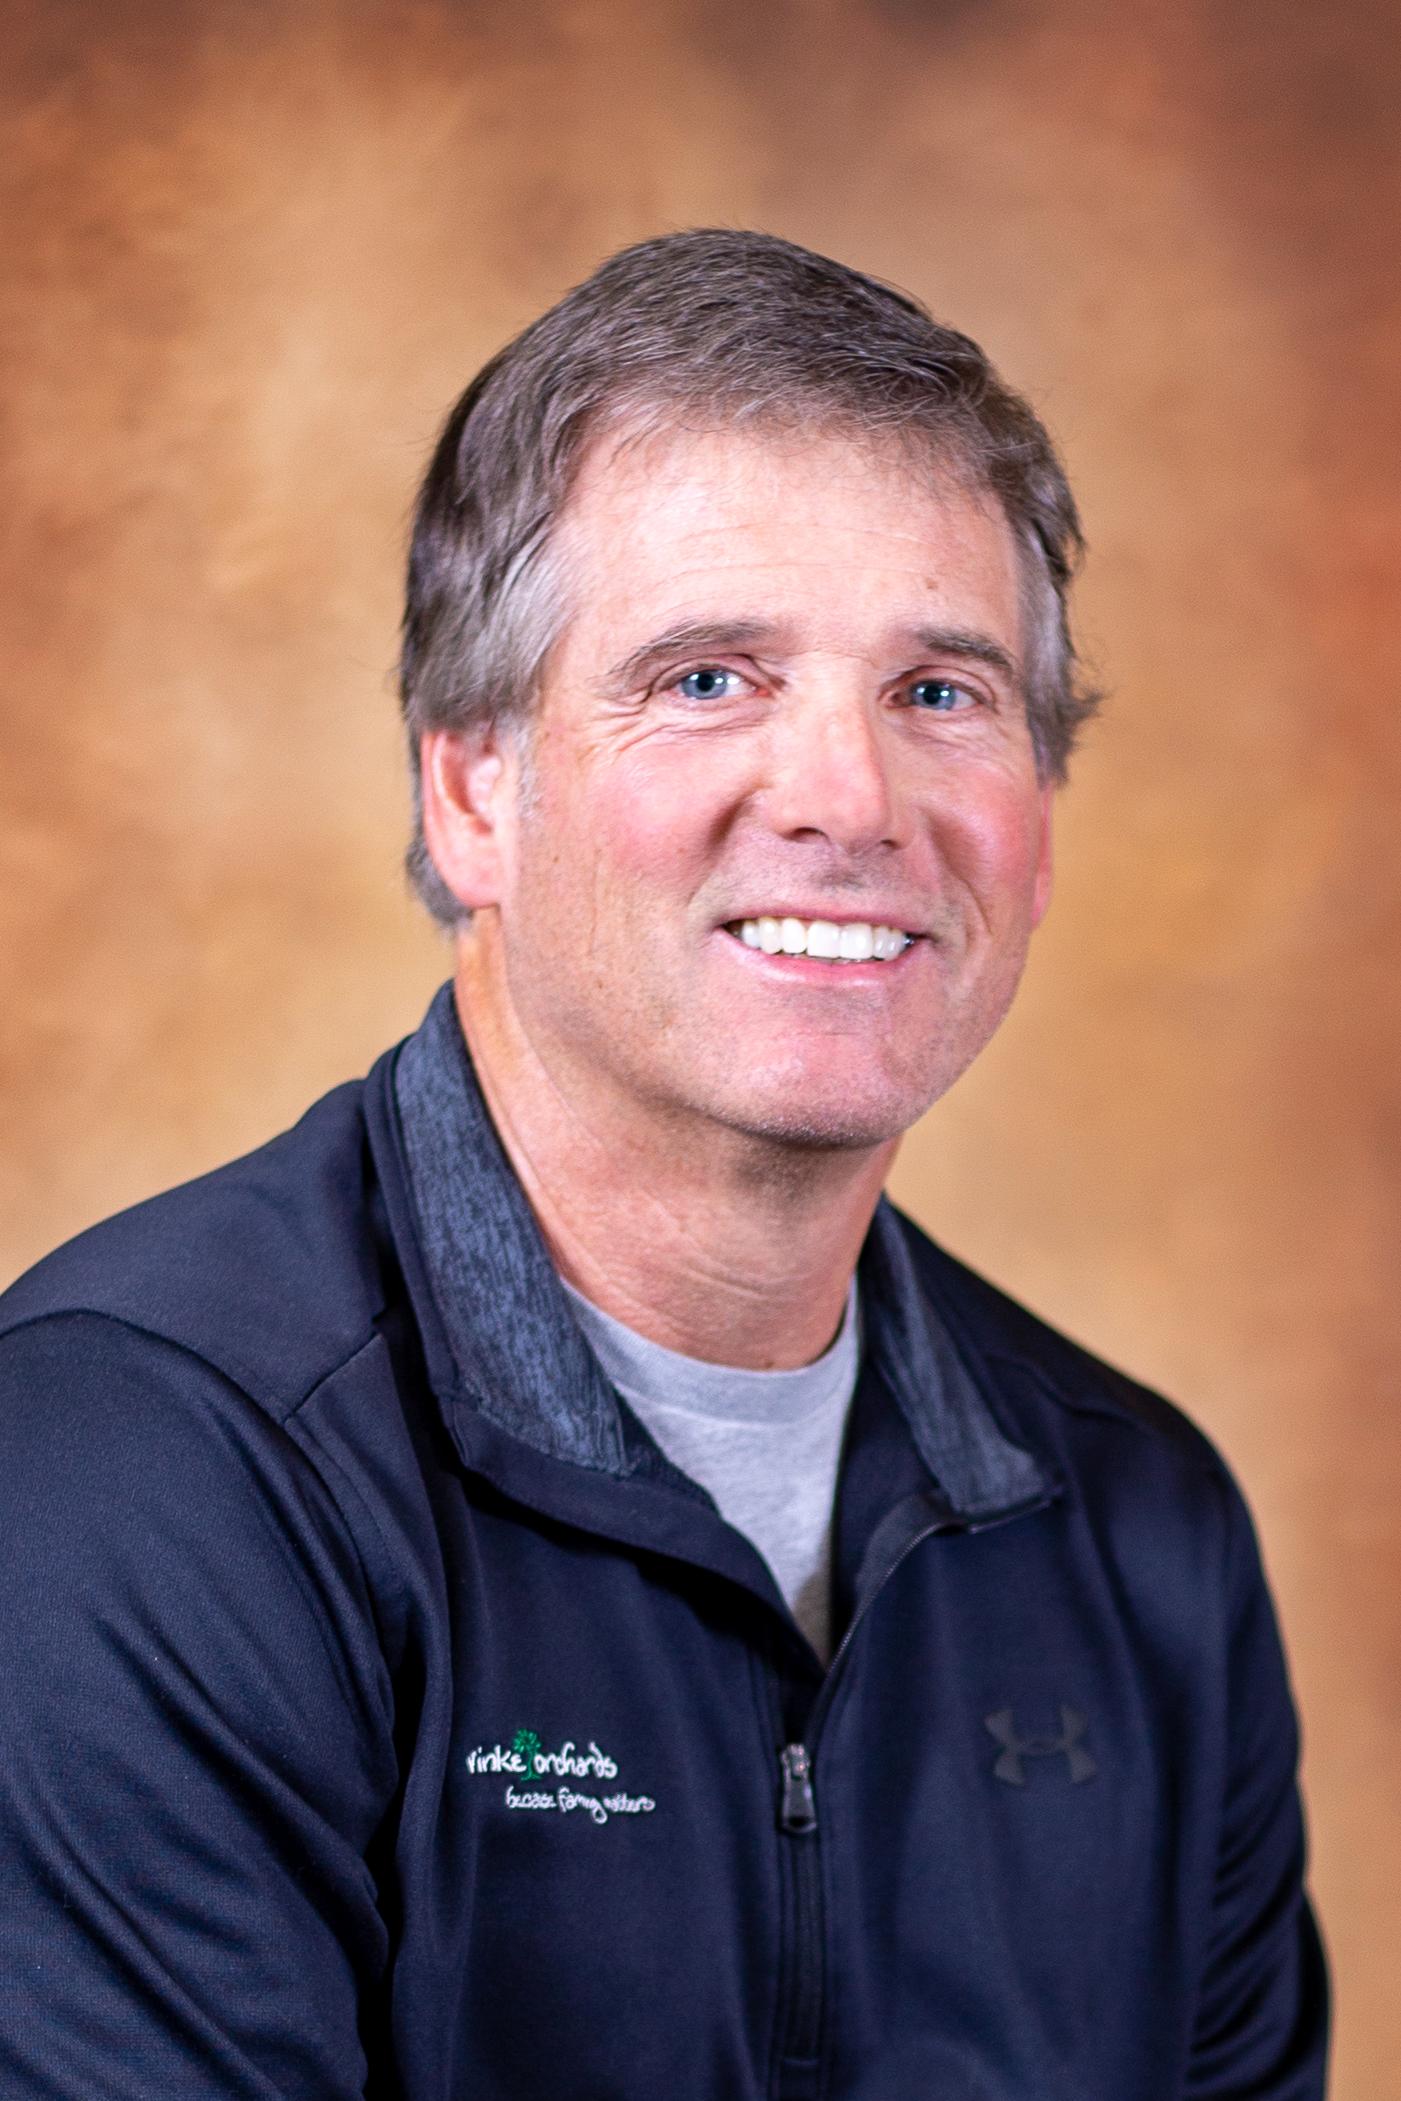 Steve Vinke, President